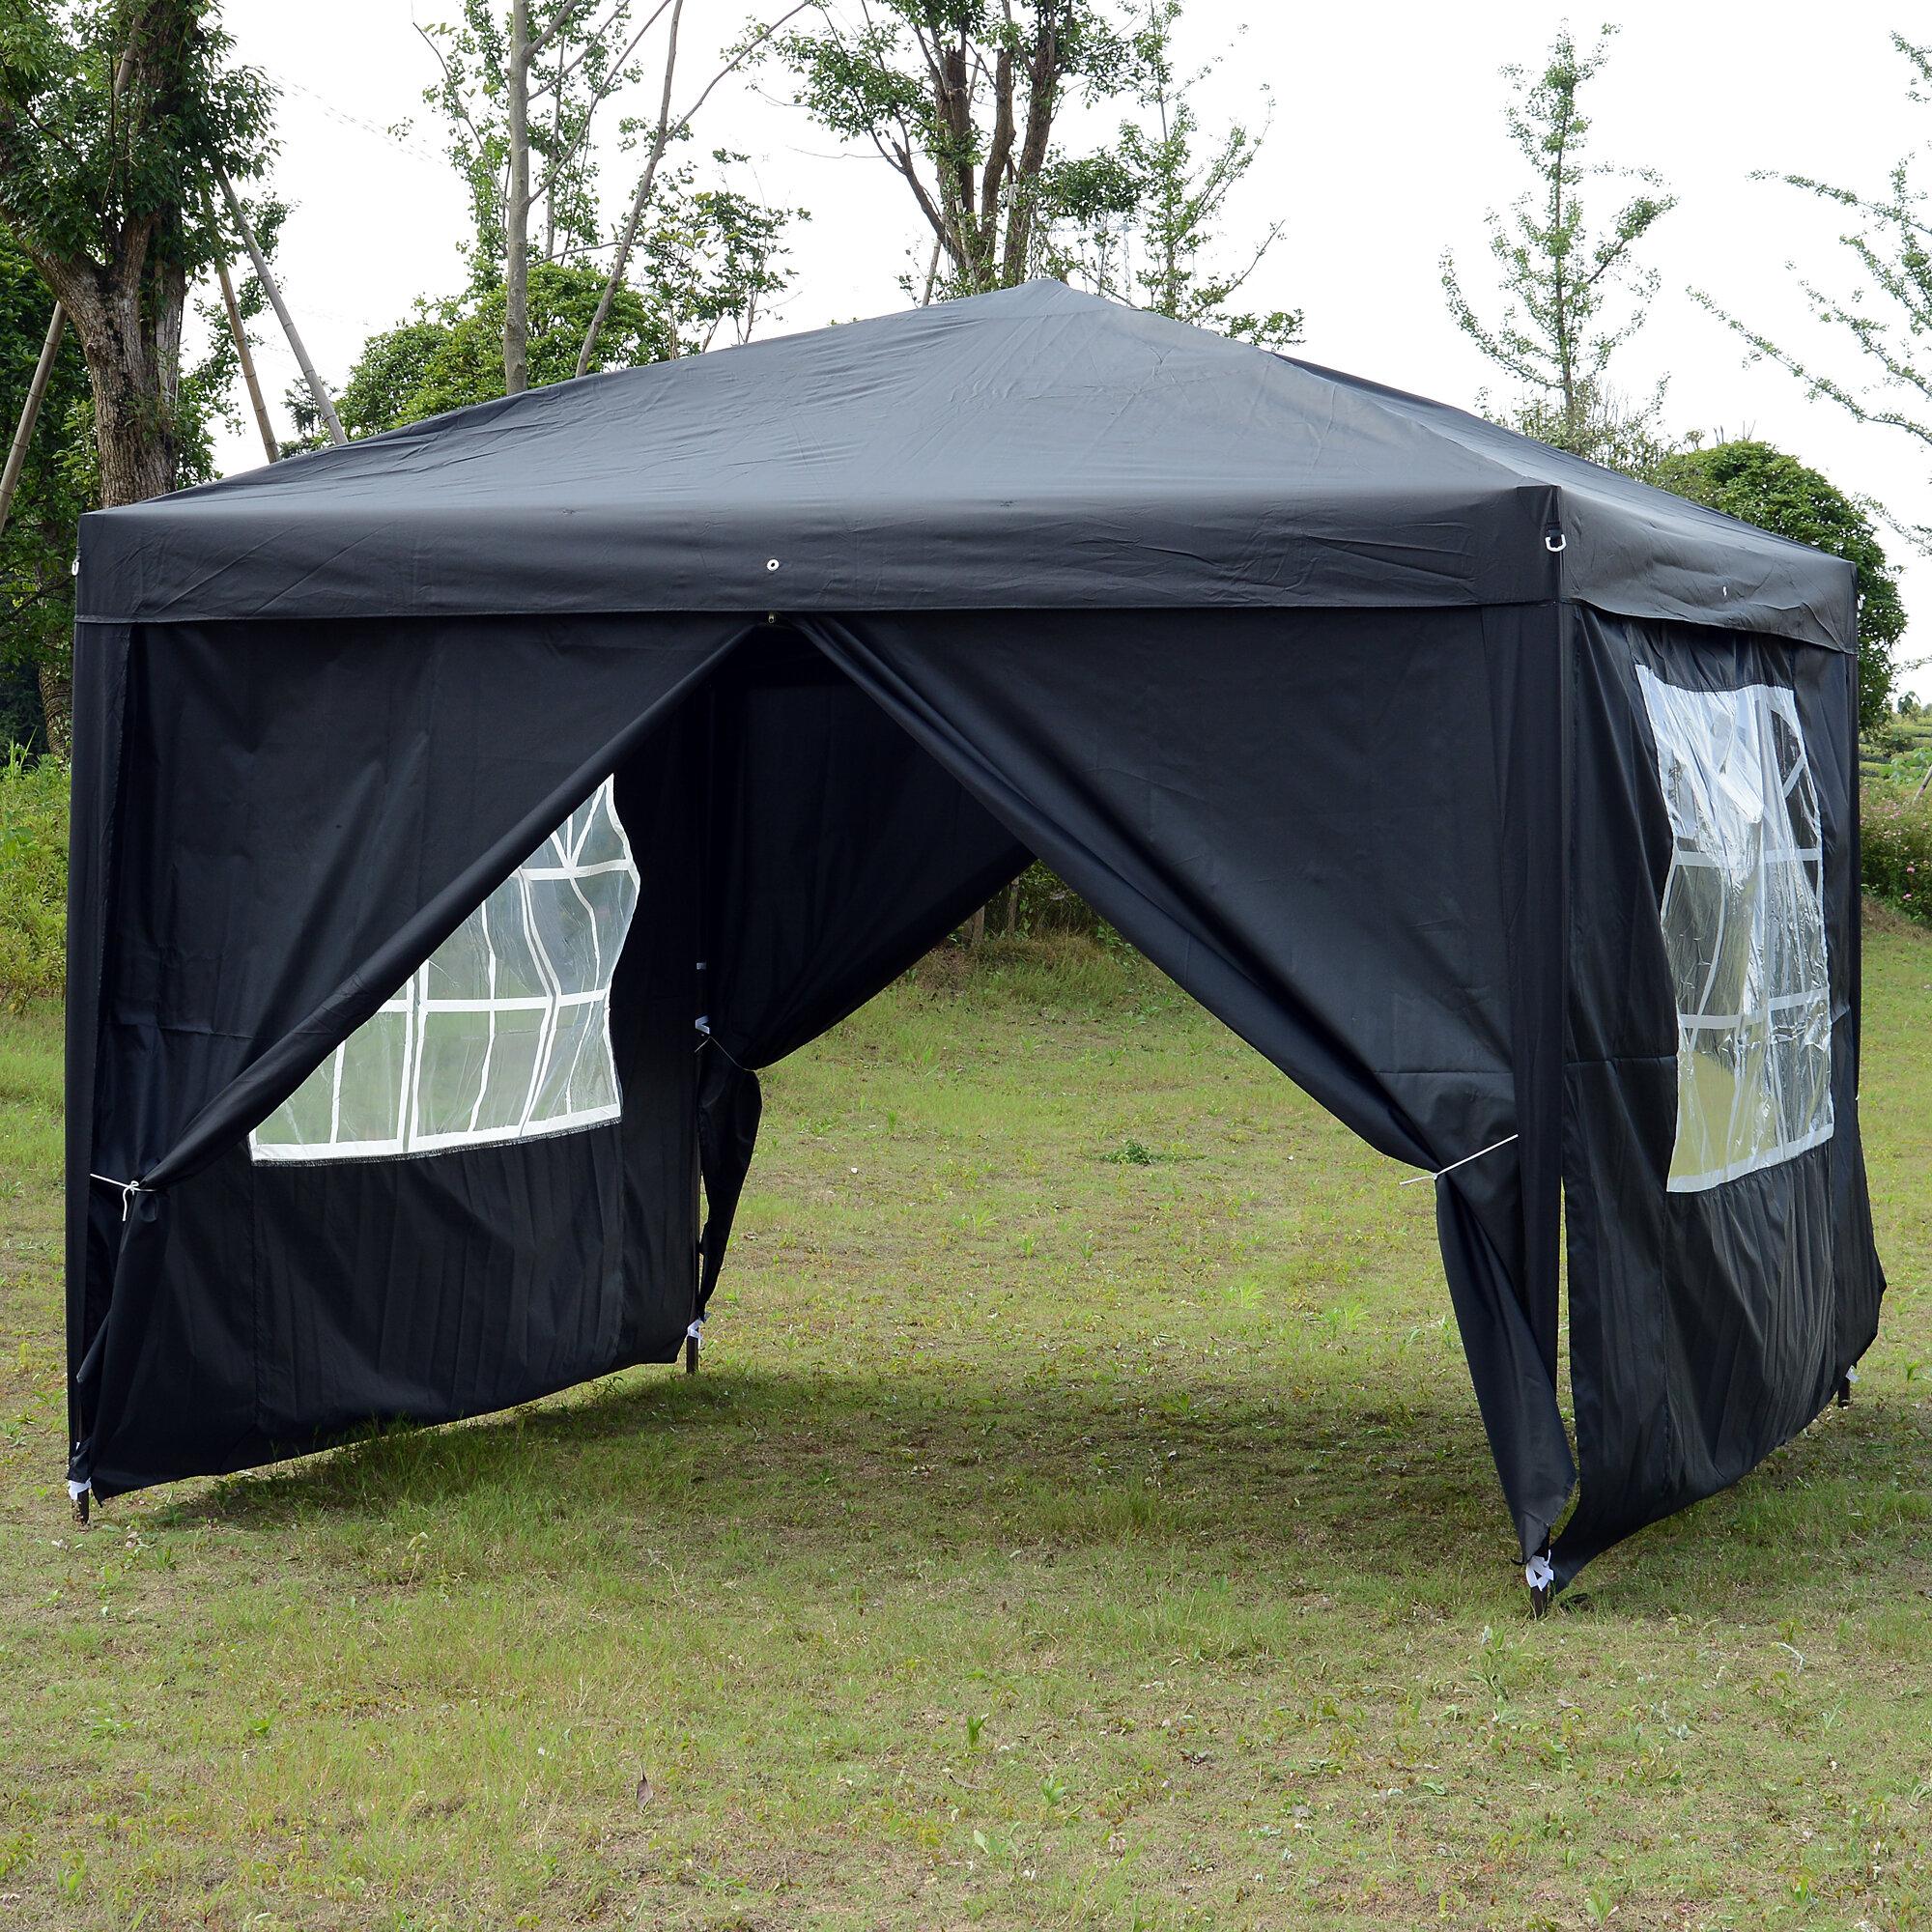 Brown Outdoor Canopies You Ll Love In 2021 Wayfair